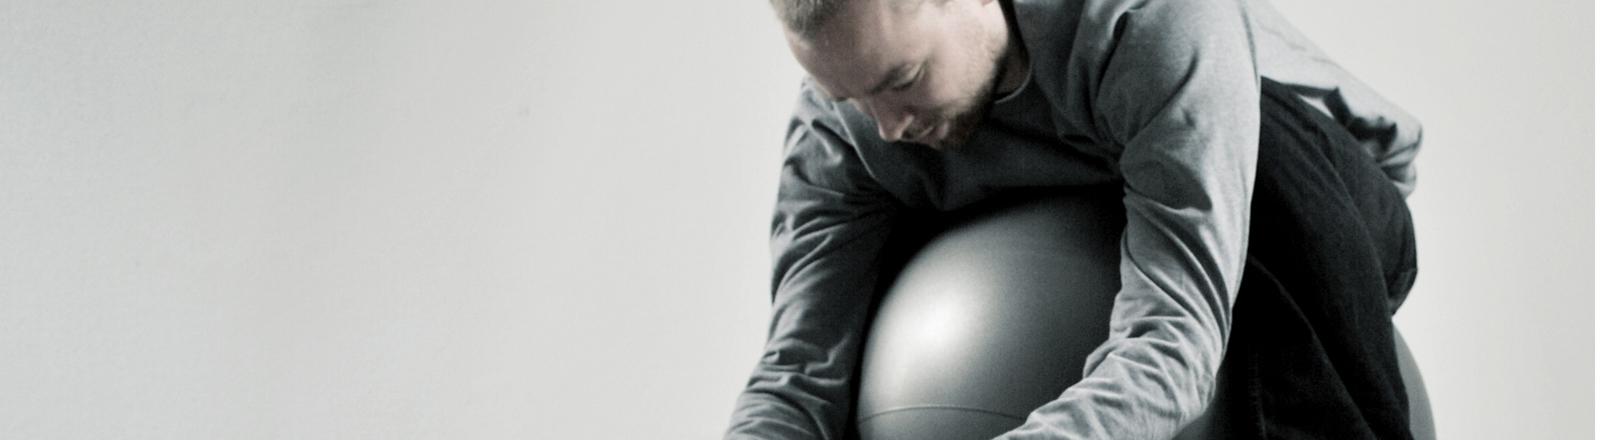 Ein Mann liegt auf einem Gymnastikball